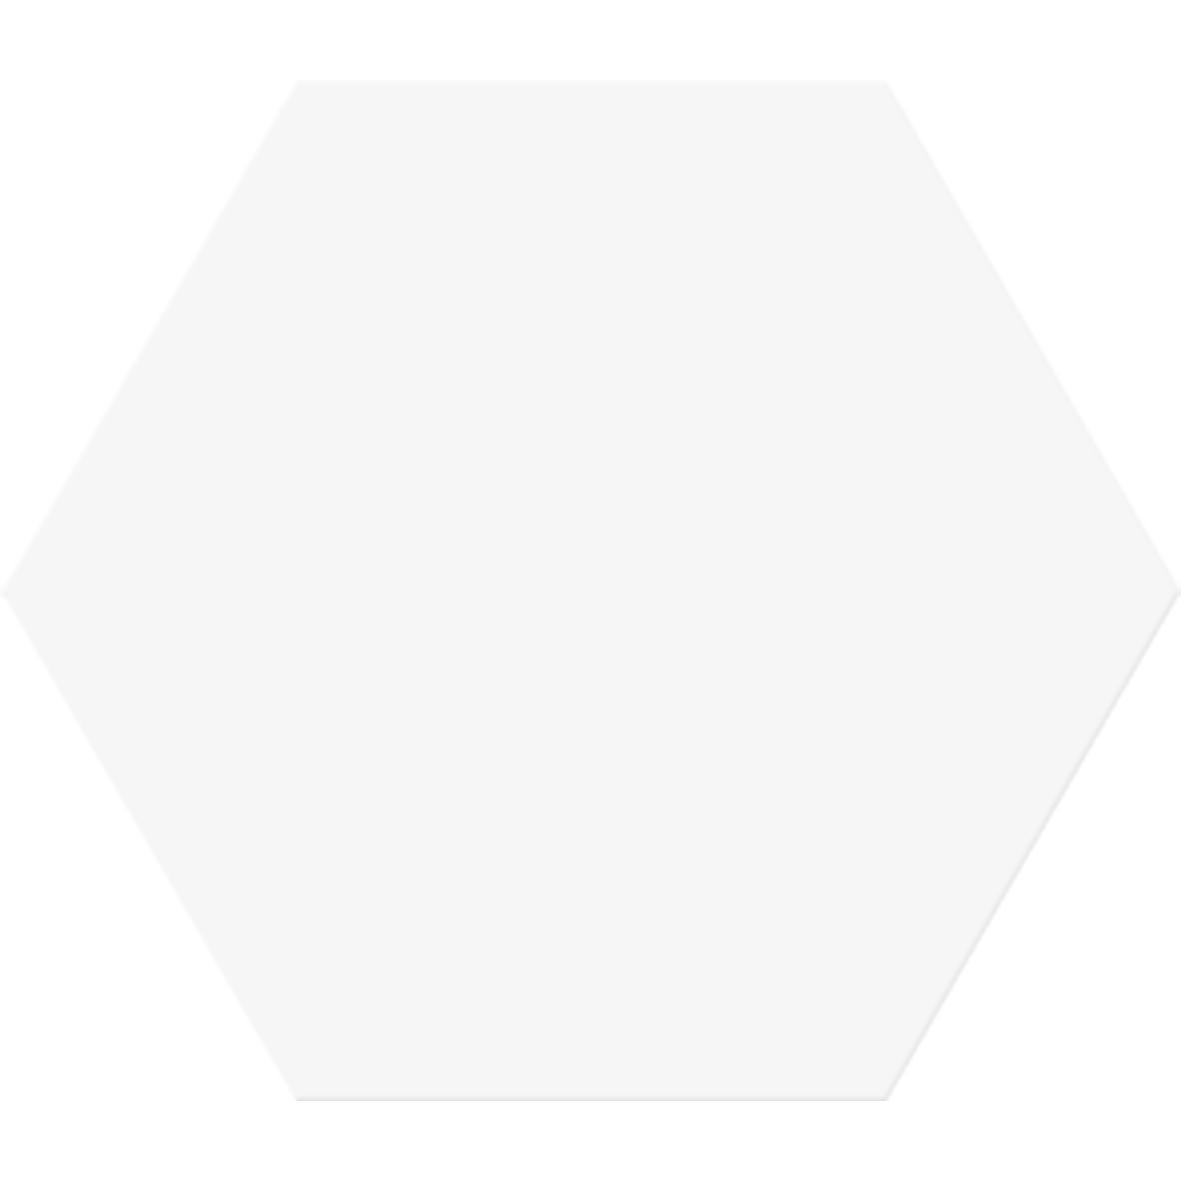 K945261, Miniworx, Valkoinen, lattia